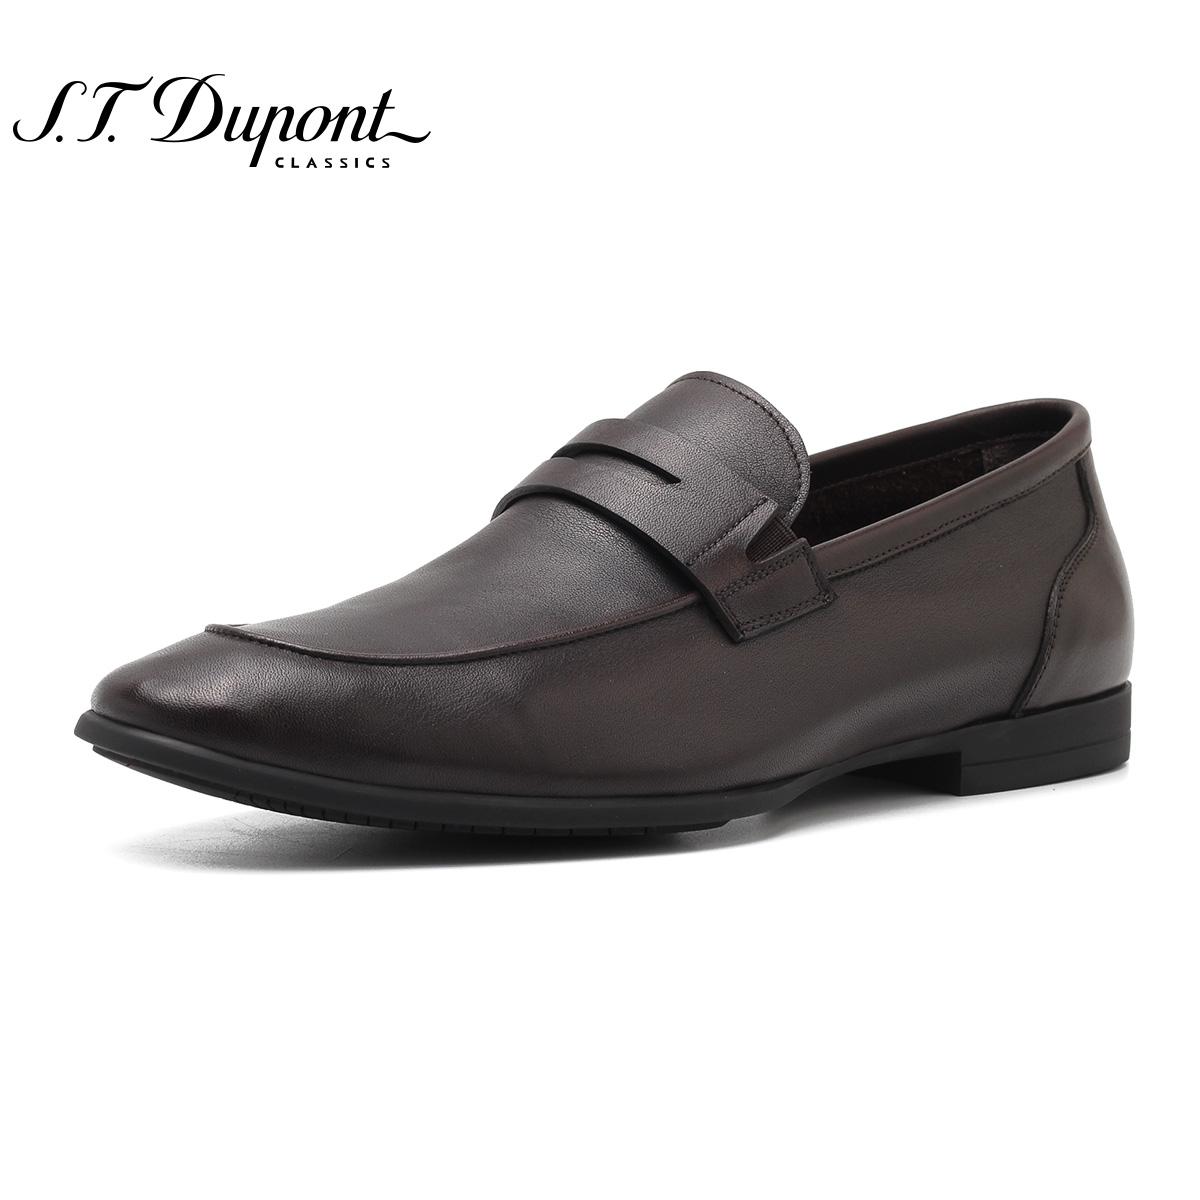 S.T. Dupont-都彭尖头商务皮鞋 舒适套脚休闲男鞋包邮 G22249420